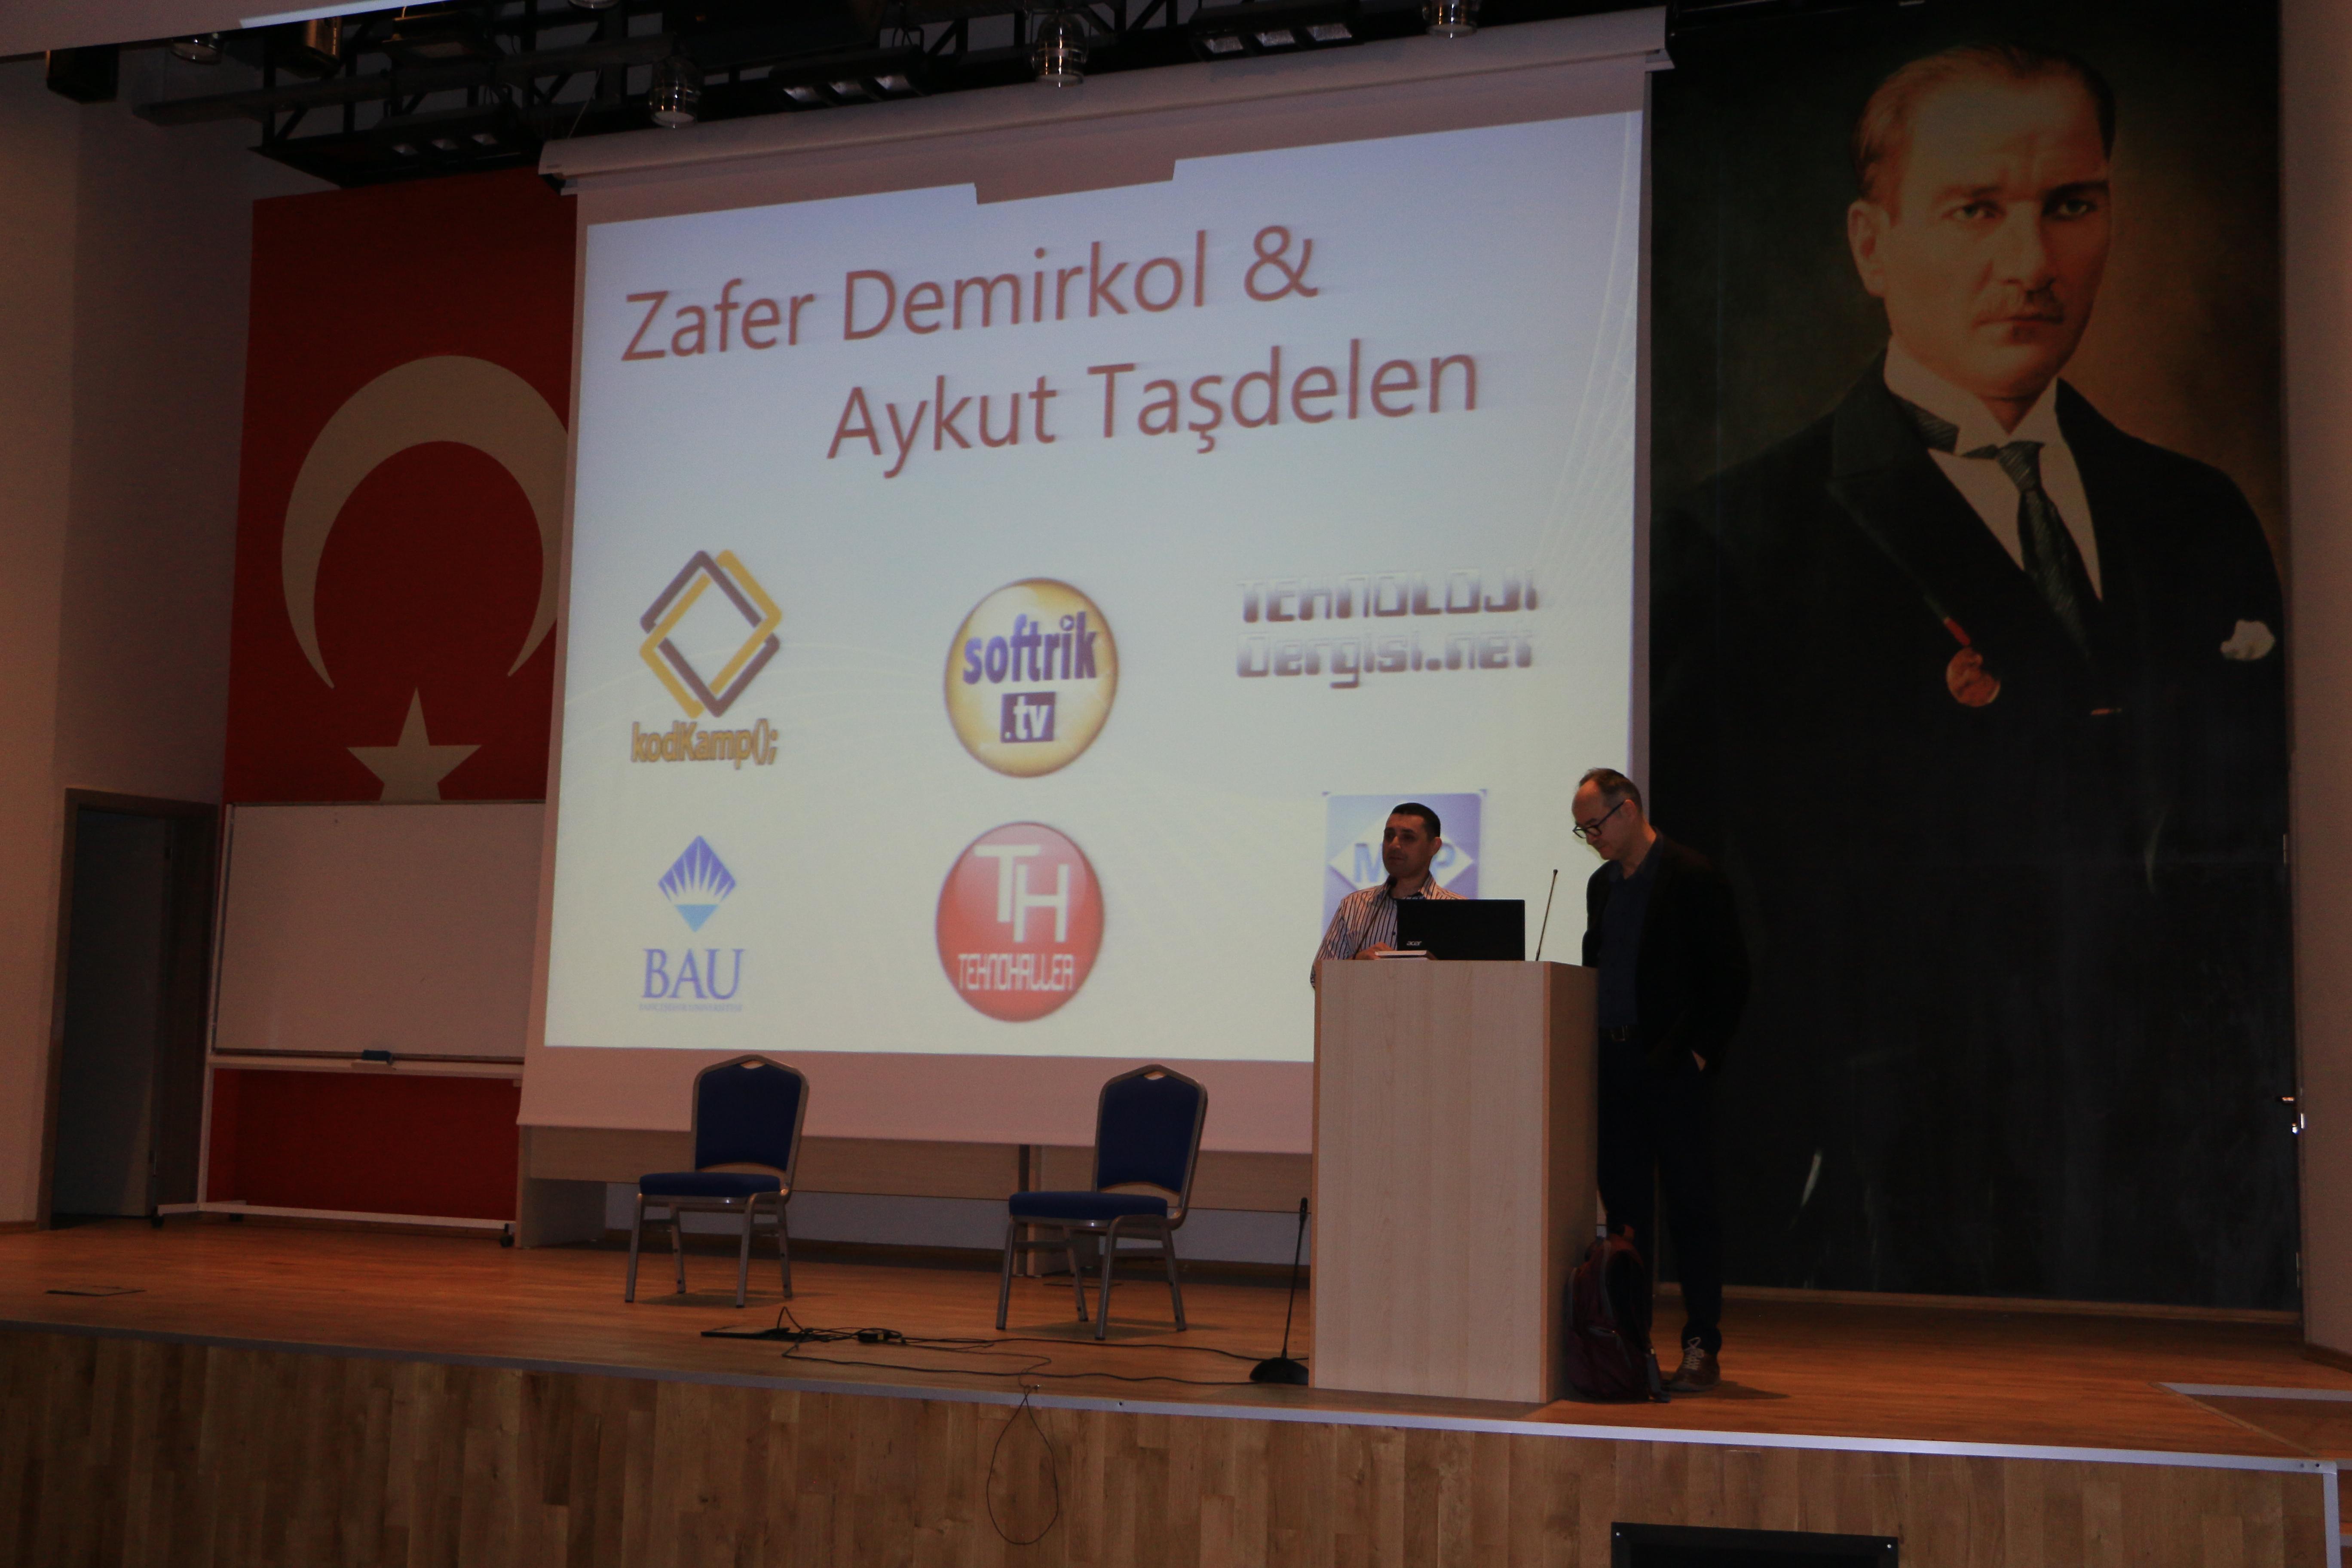 Aykut Taşdelen&Zafer Demirkol